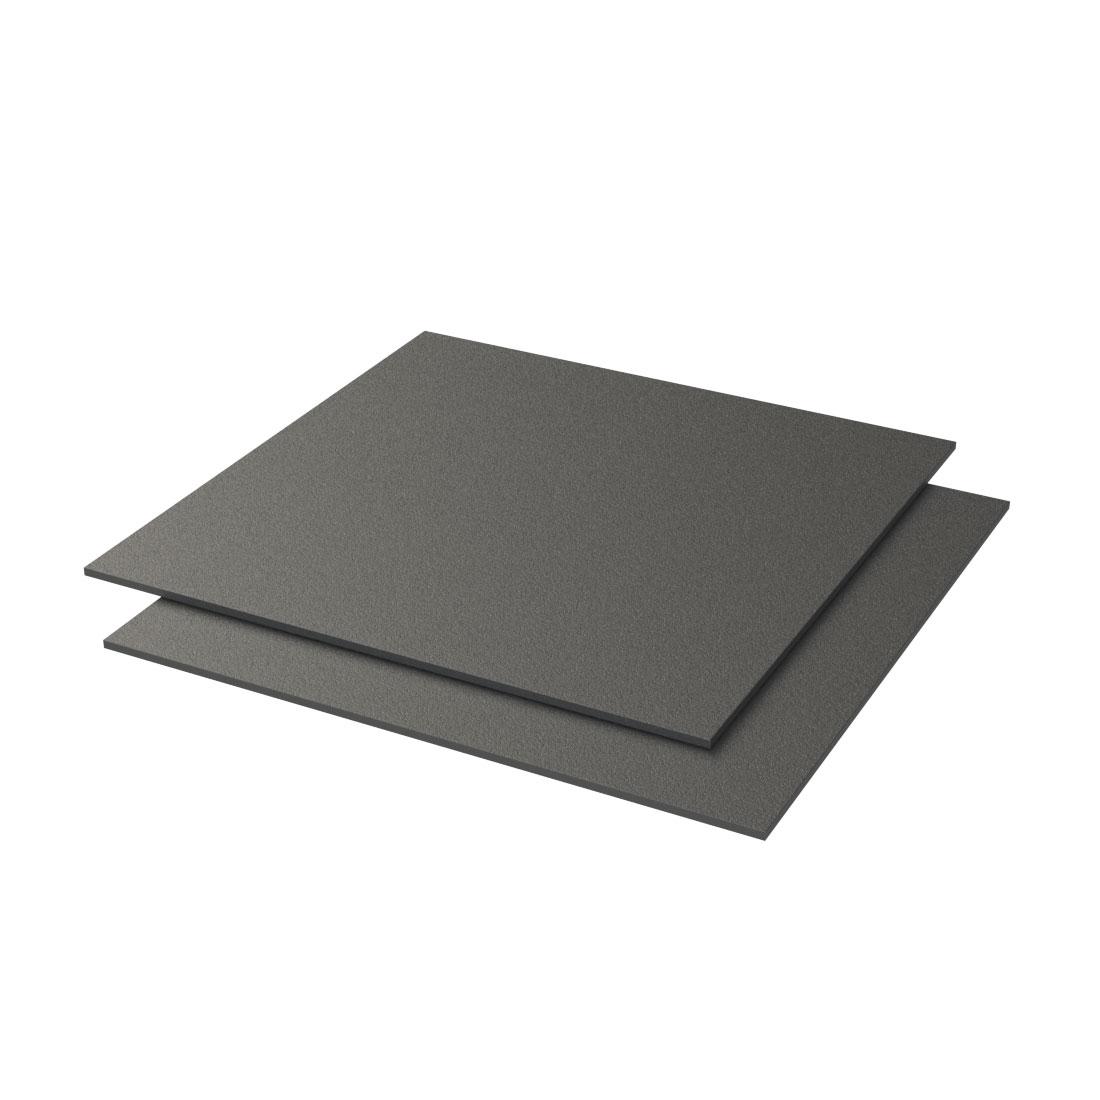 Vikureen PS Plaat Nerf 3 Zwart 840 2000x1200x1,5mm